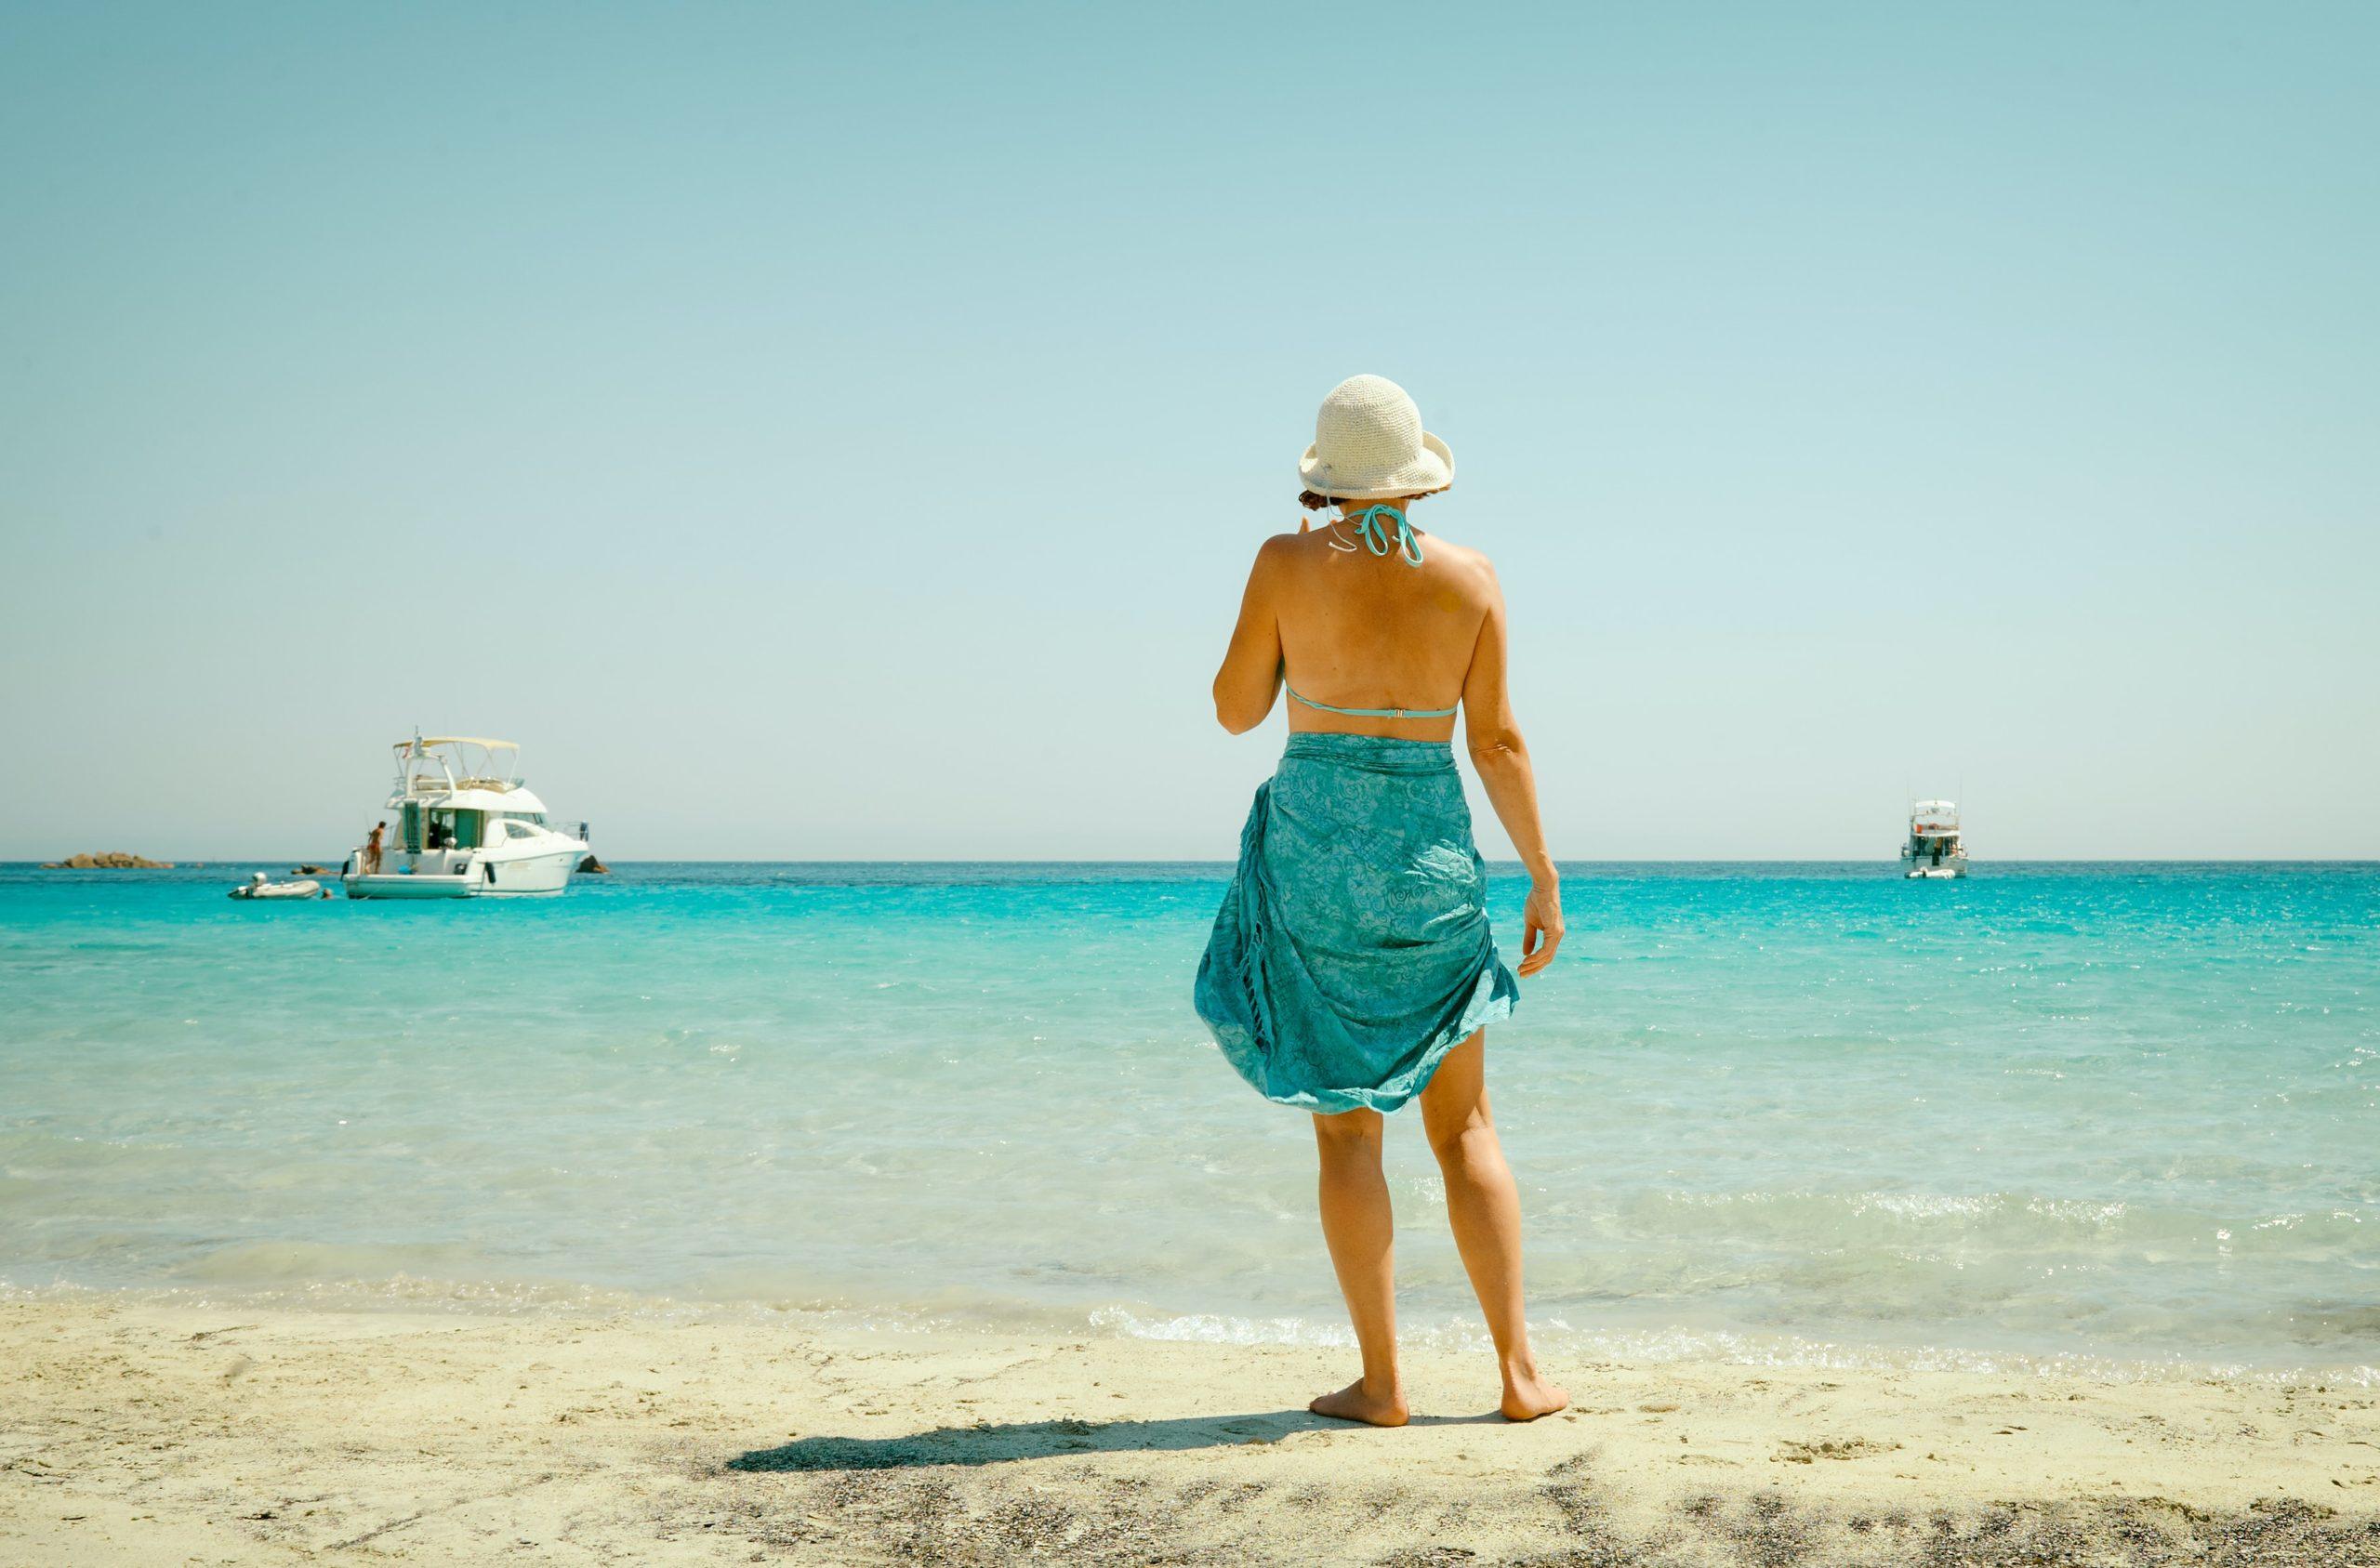 Danger filtre chimique crème solaire